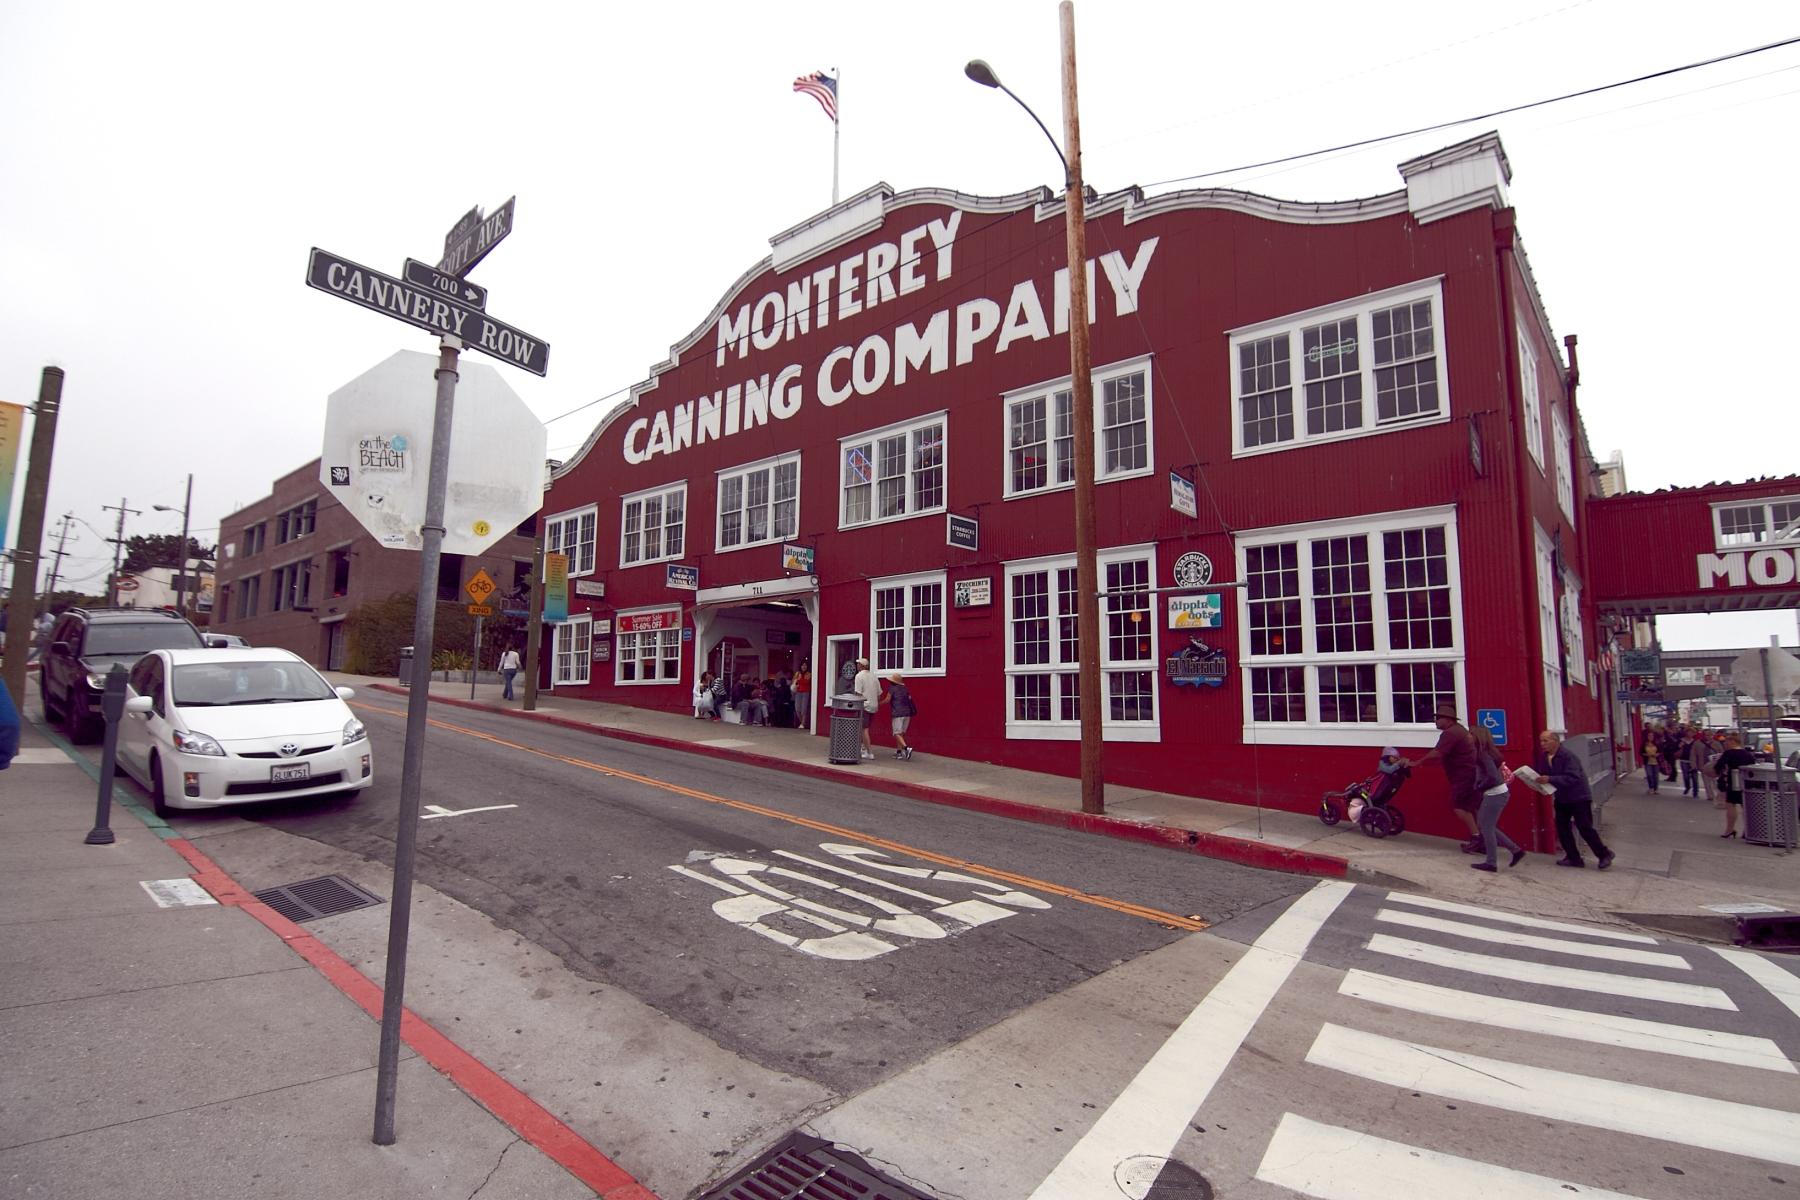 und die Cannery Row damit zu einer der meist frequentierten Straßen der USA macht.